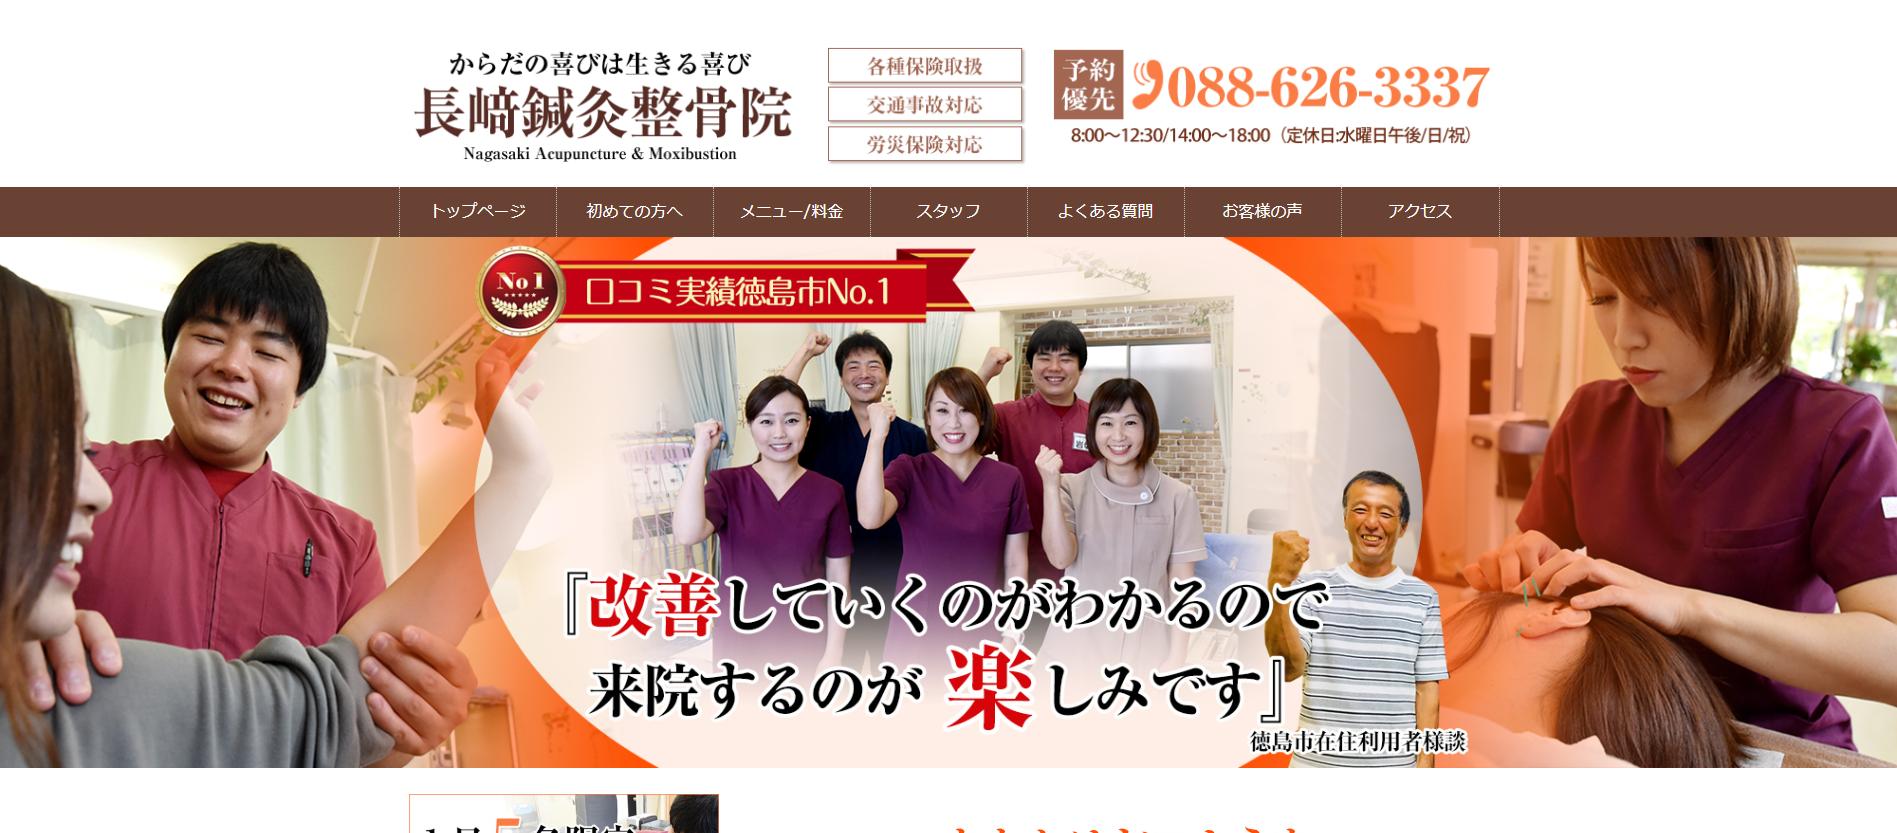 長崎鍼灸整骨院のサムネイル